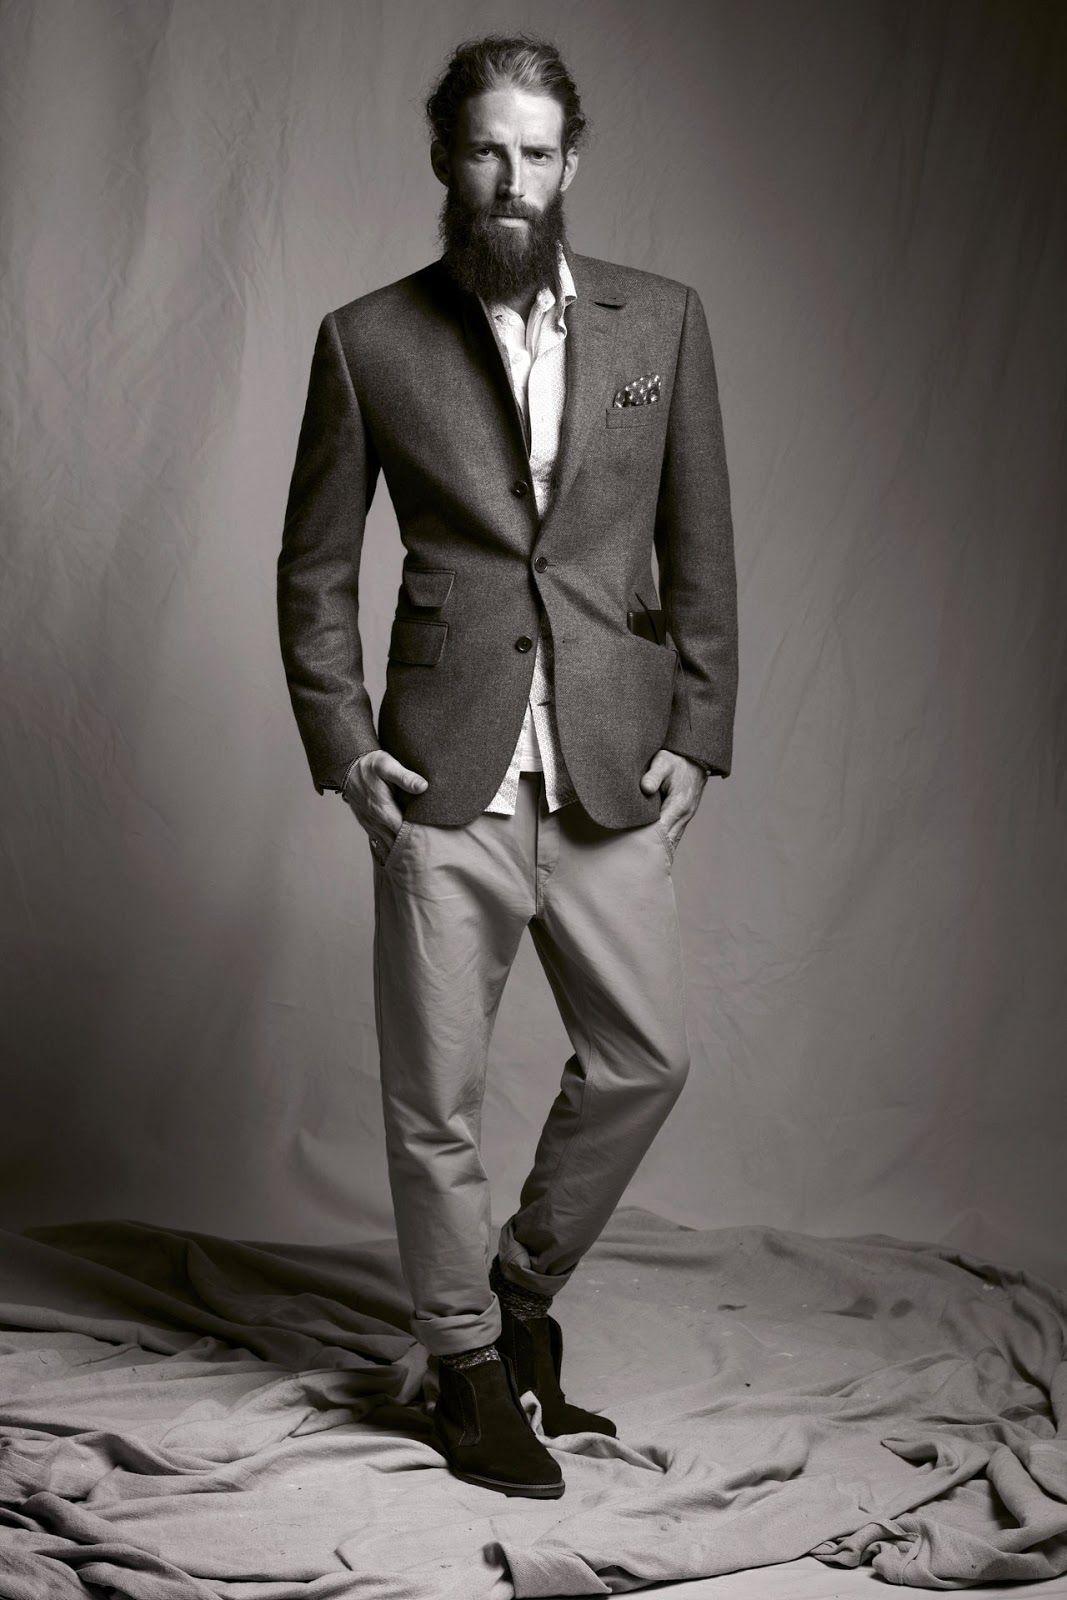 Pierre Cardin Menswear: SS13 Collection Pierre Cardin Menswear: SS13 Collection new images